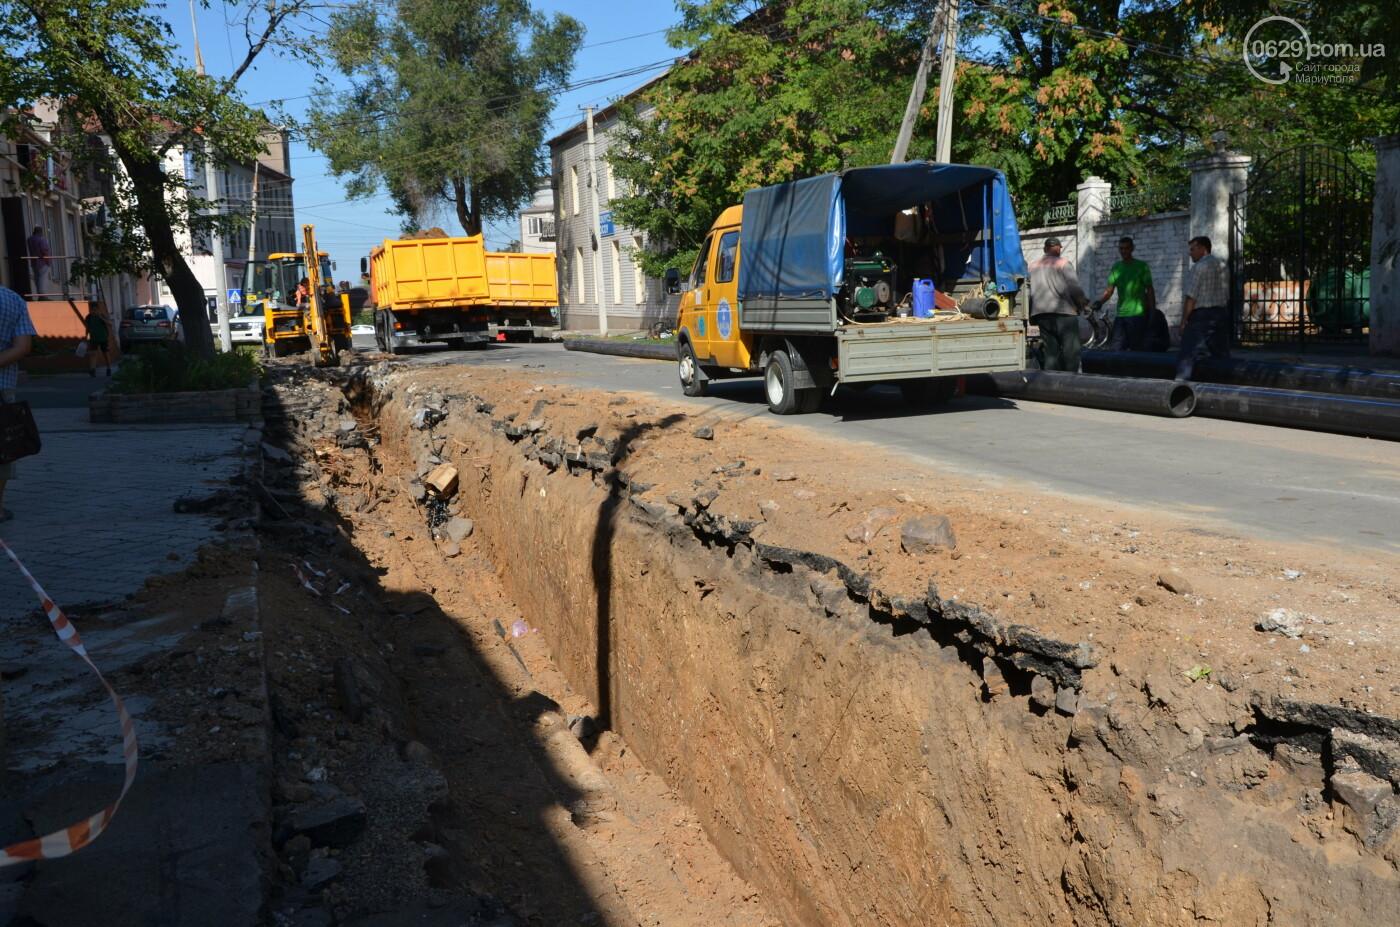 Перекопанный пр. Мира: в Мариуполе капитально ремонтируют центральную дорогу, - ФОТОРЕПОРТАЖ, фото-27